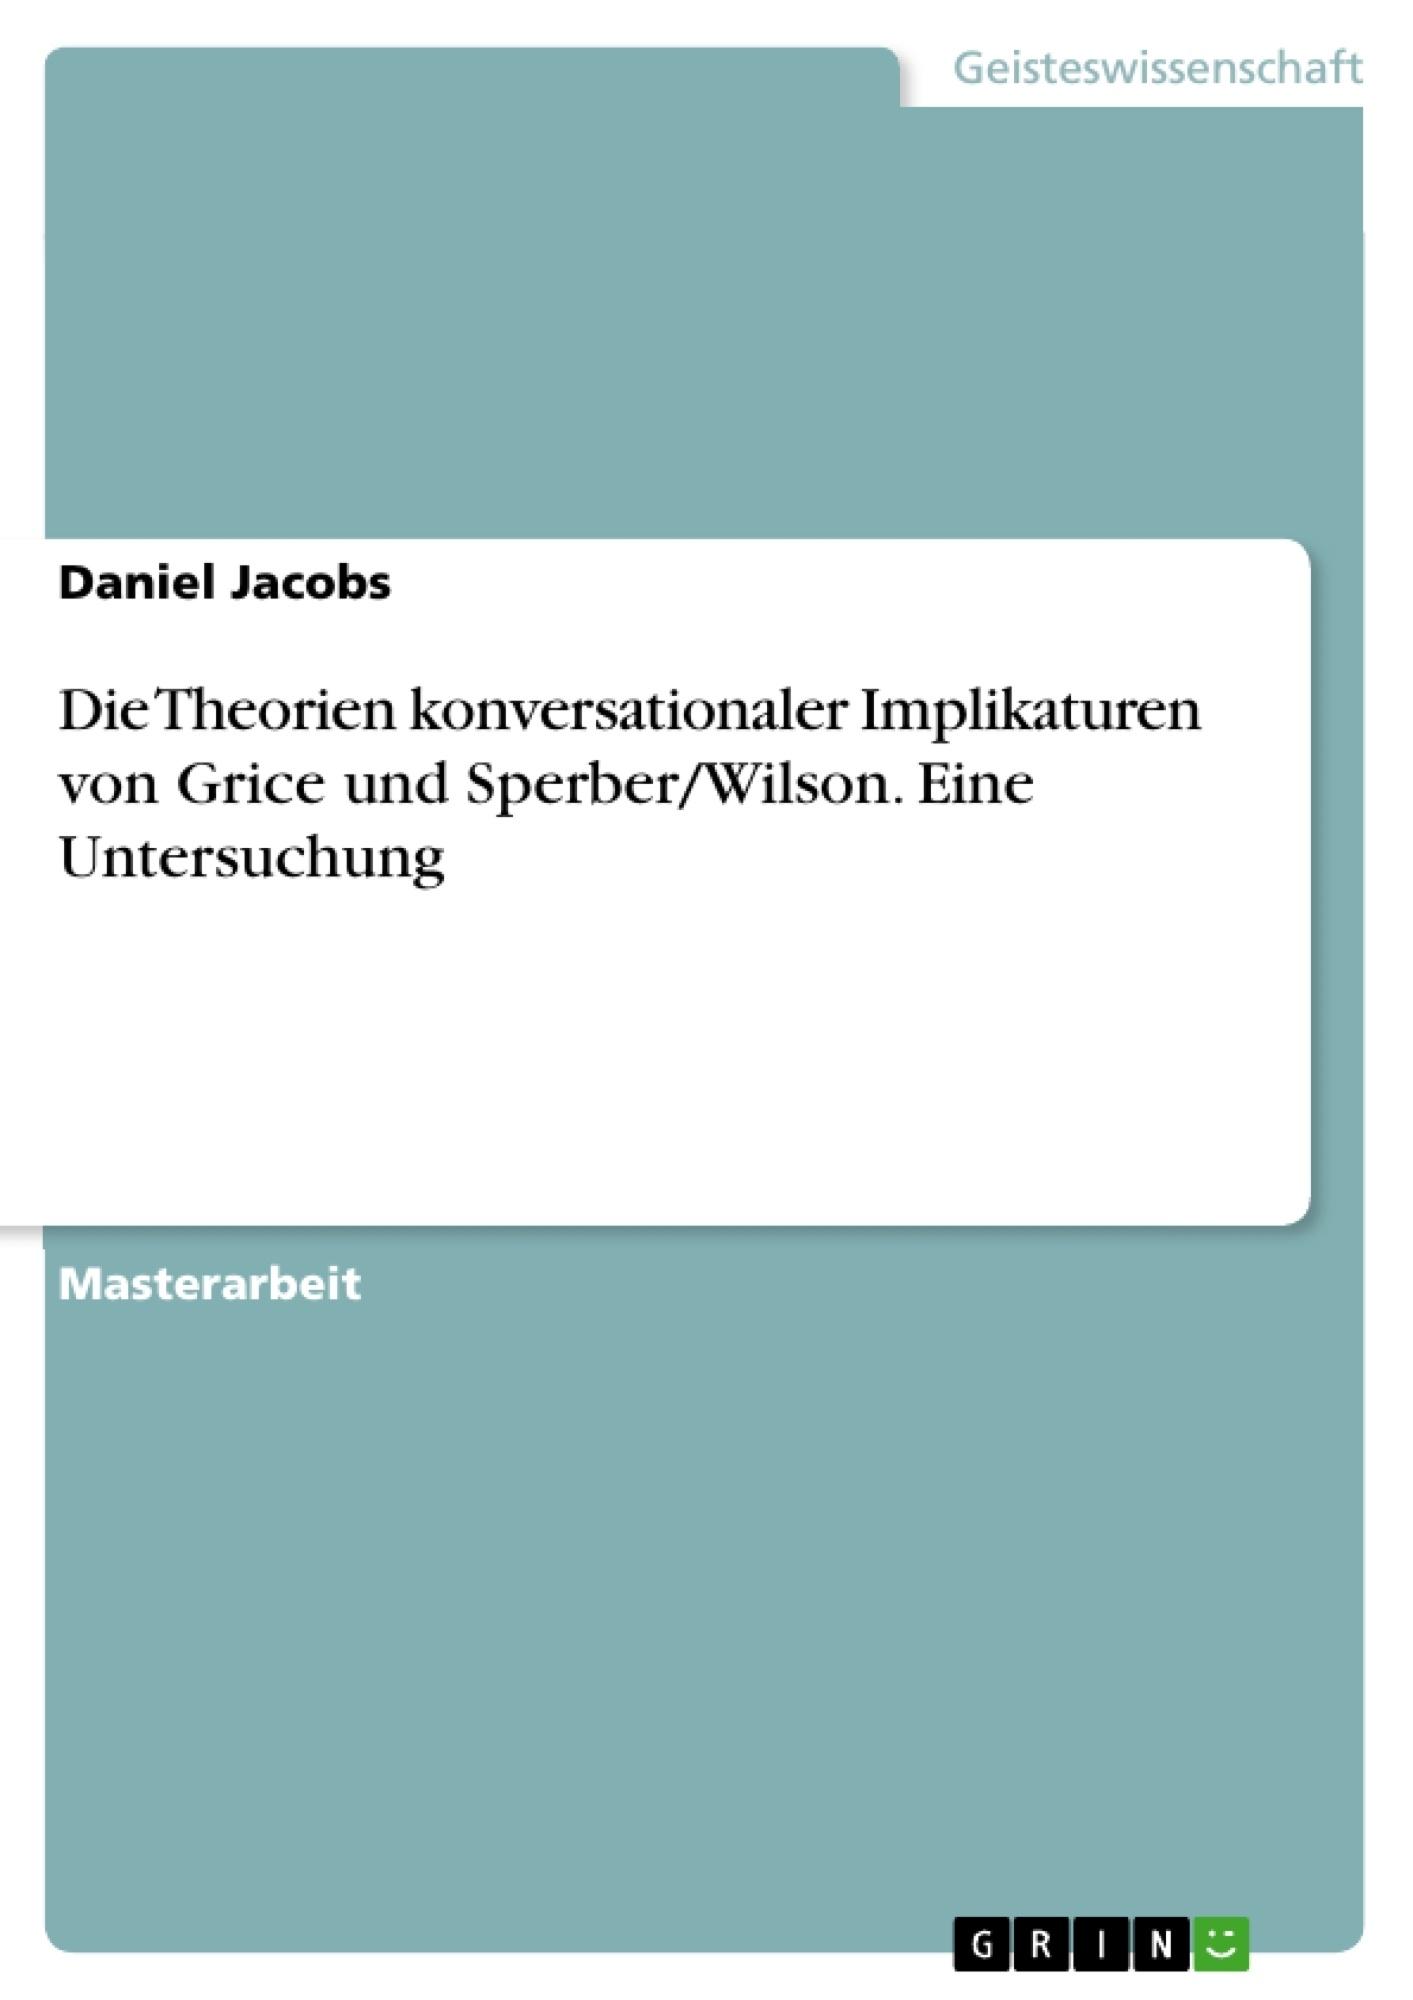 Titel: Die Theorien konversationaler Implikaturen von Grice und Sperber/Wilson. Eine Untersuchung